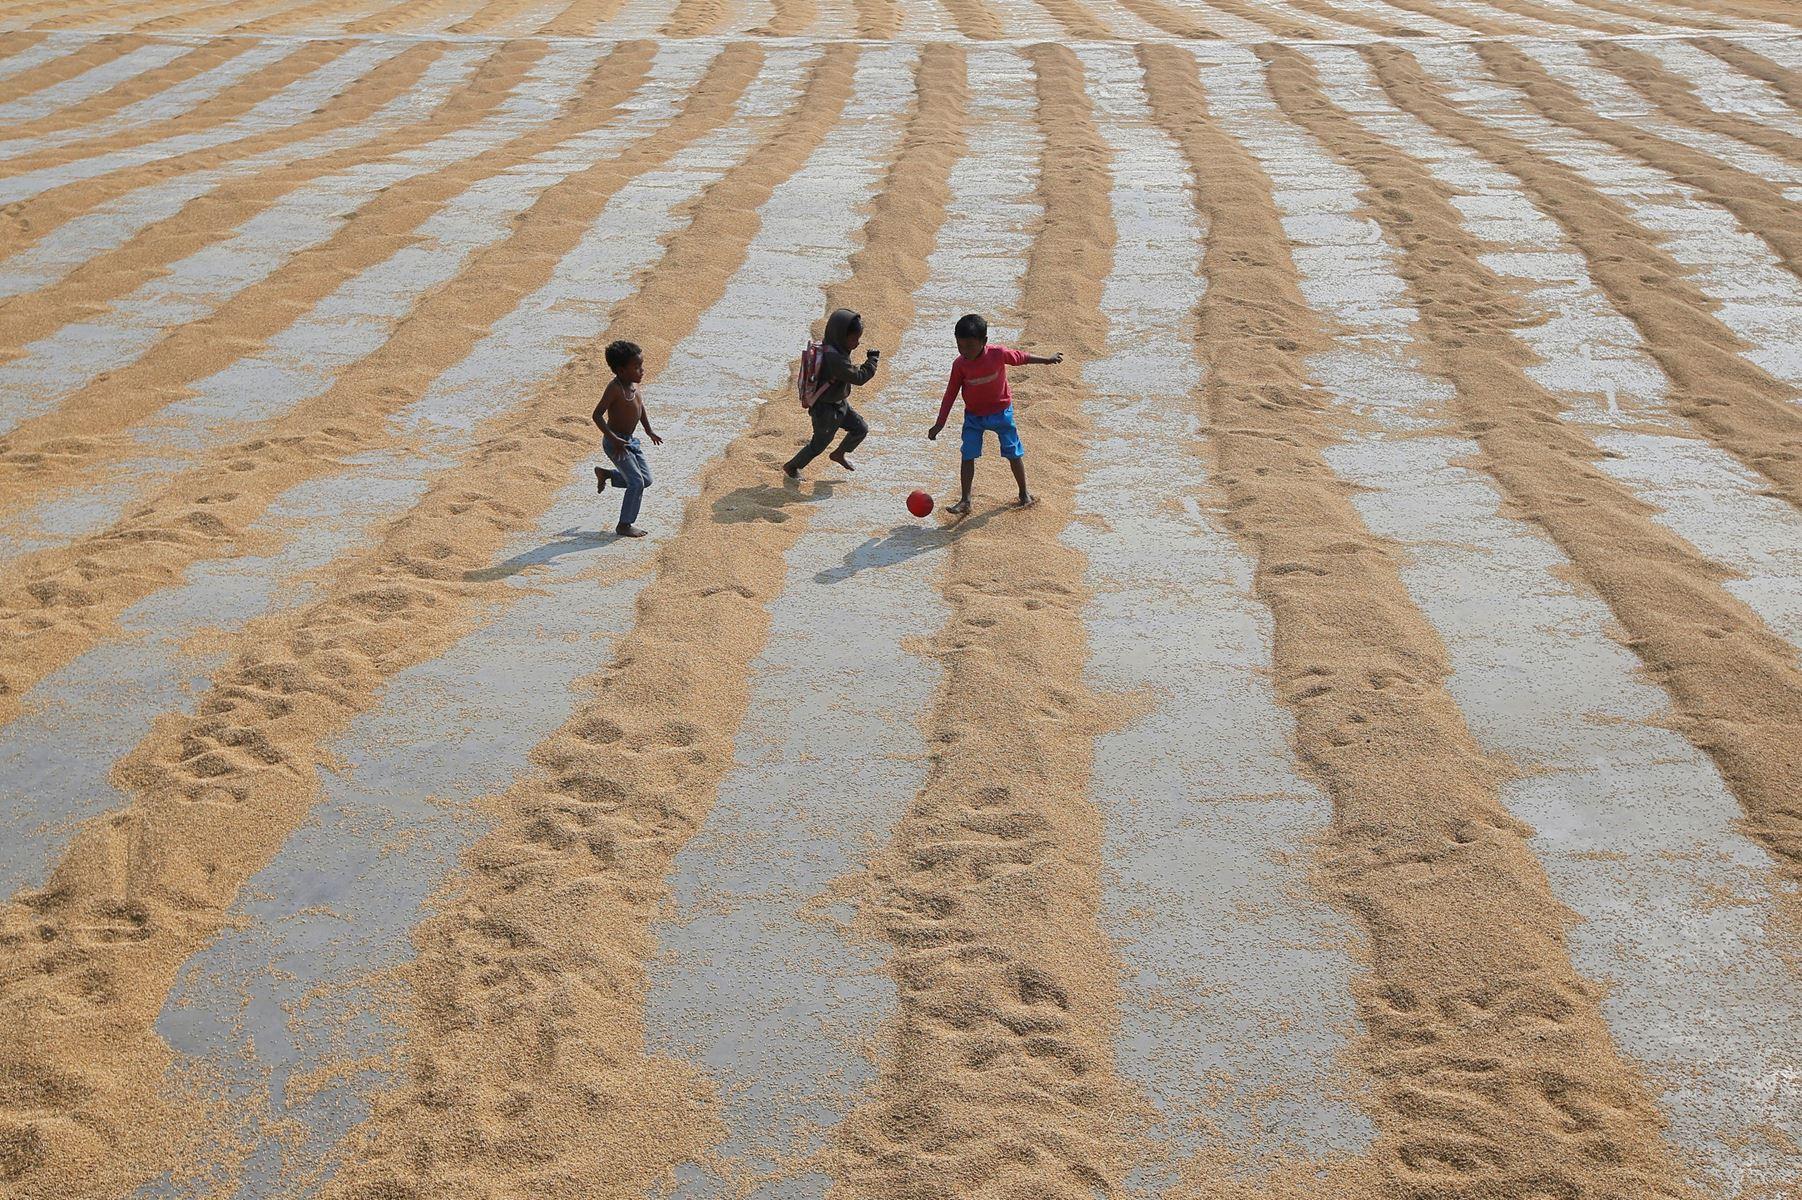 Etbarnspolitik i Indien og flere lande i Afrika ville kunne hjælpe på verdens klimaproblemer, mener forskere.